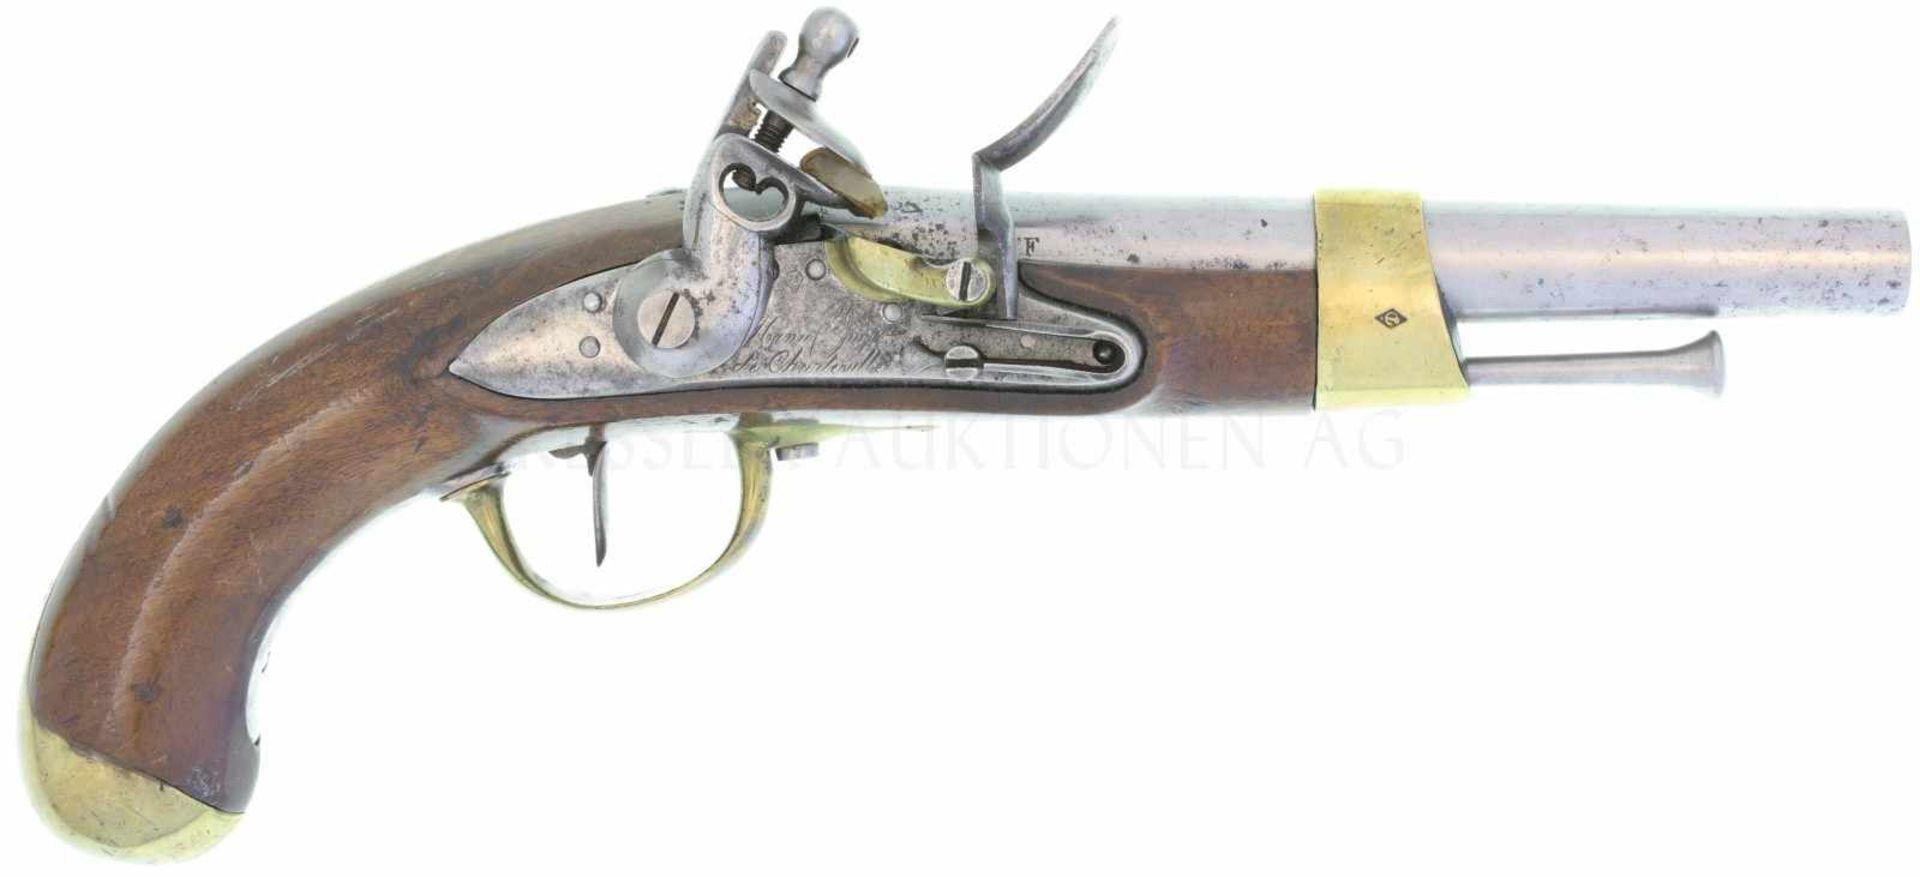 Steinschlosspistole, Mod. An 13, Kavallerie, Kal. 17,6 mm